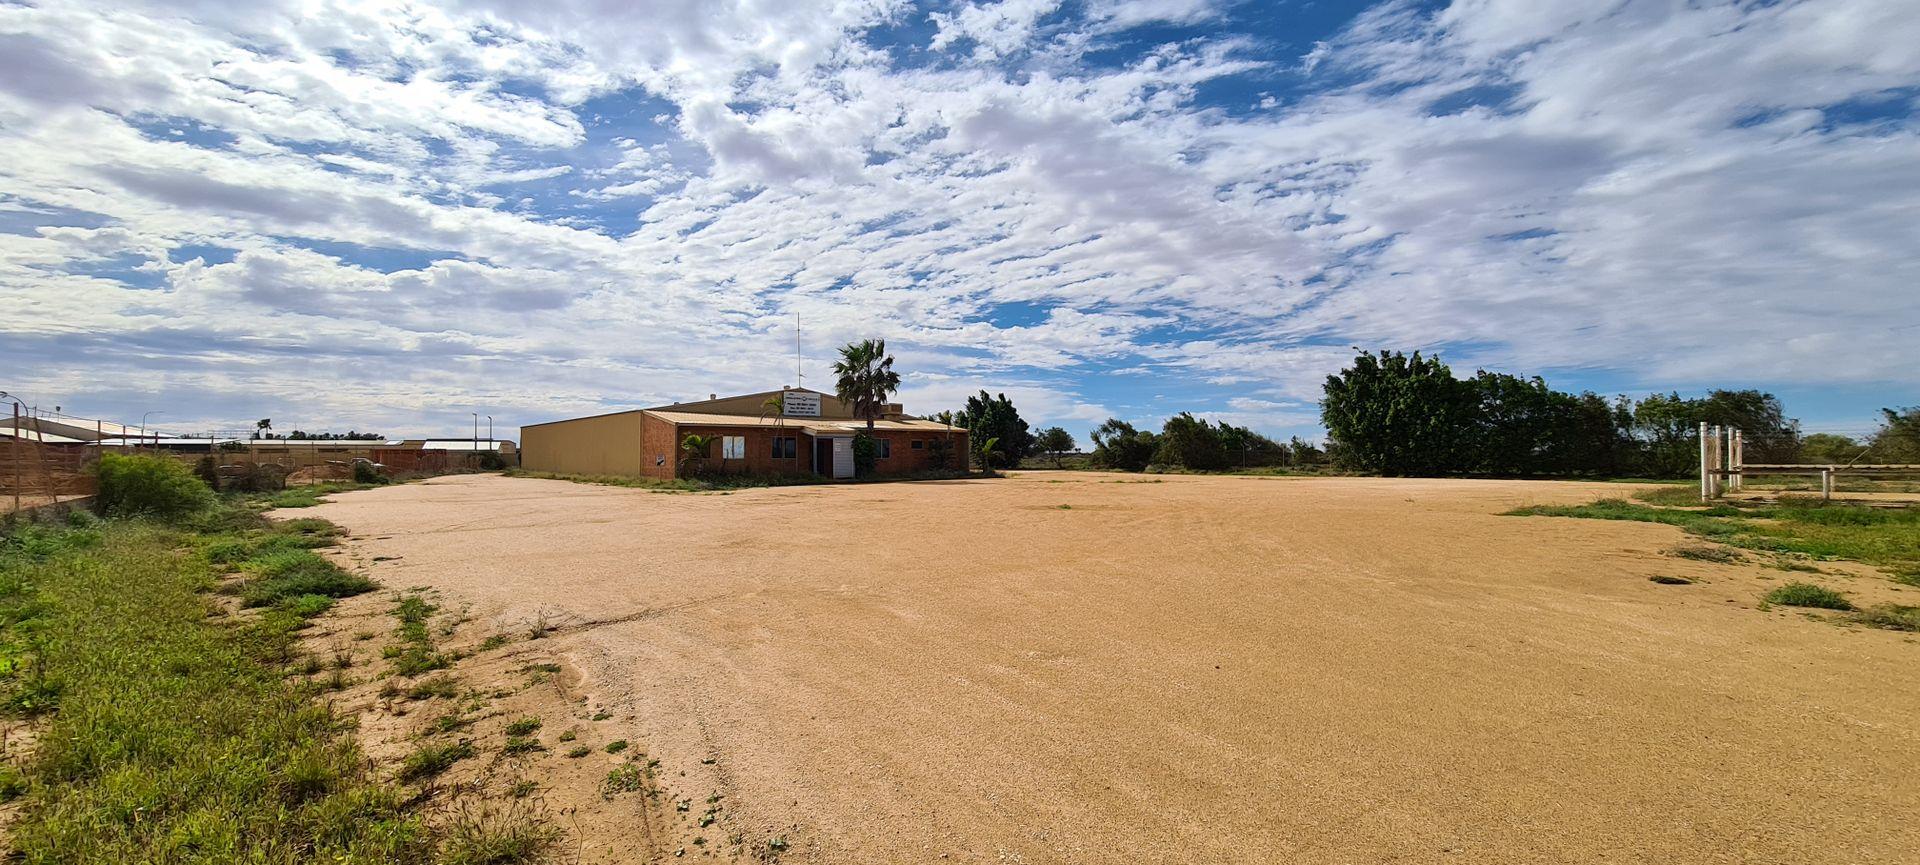 9 Bassett Way, Carnarvon WA 6701, Image 1